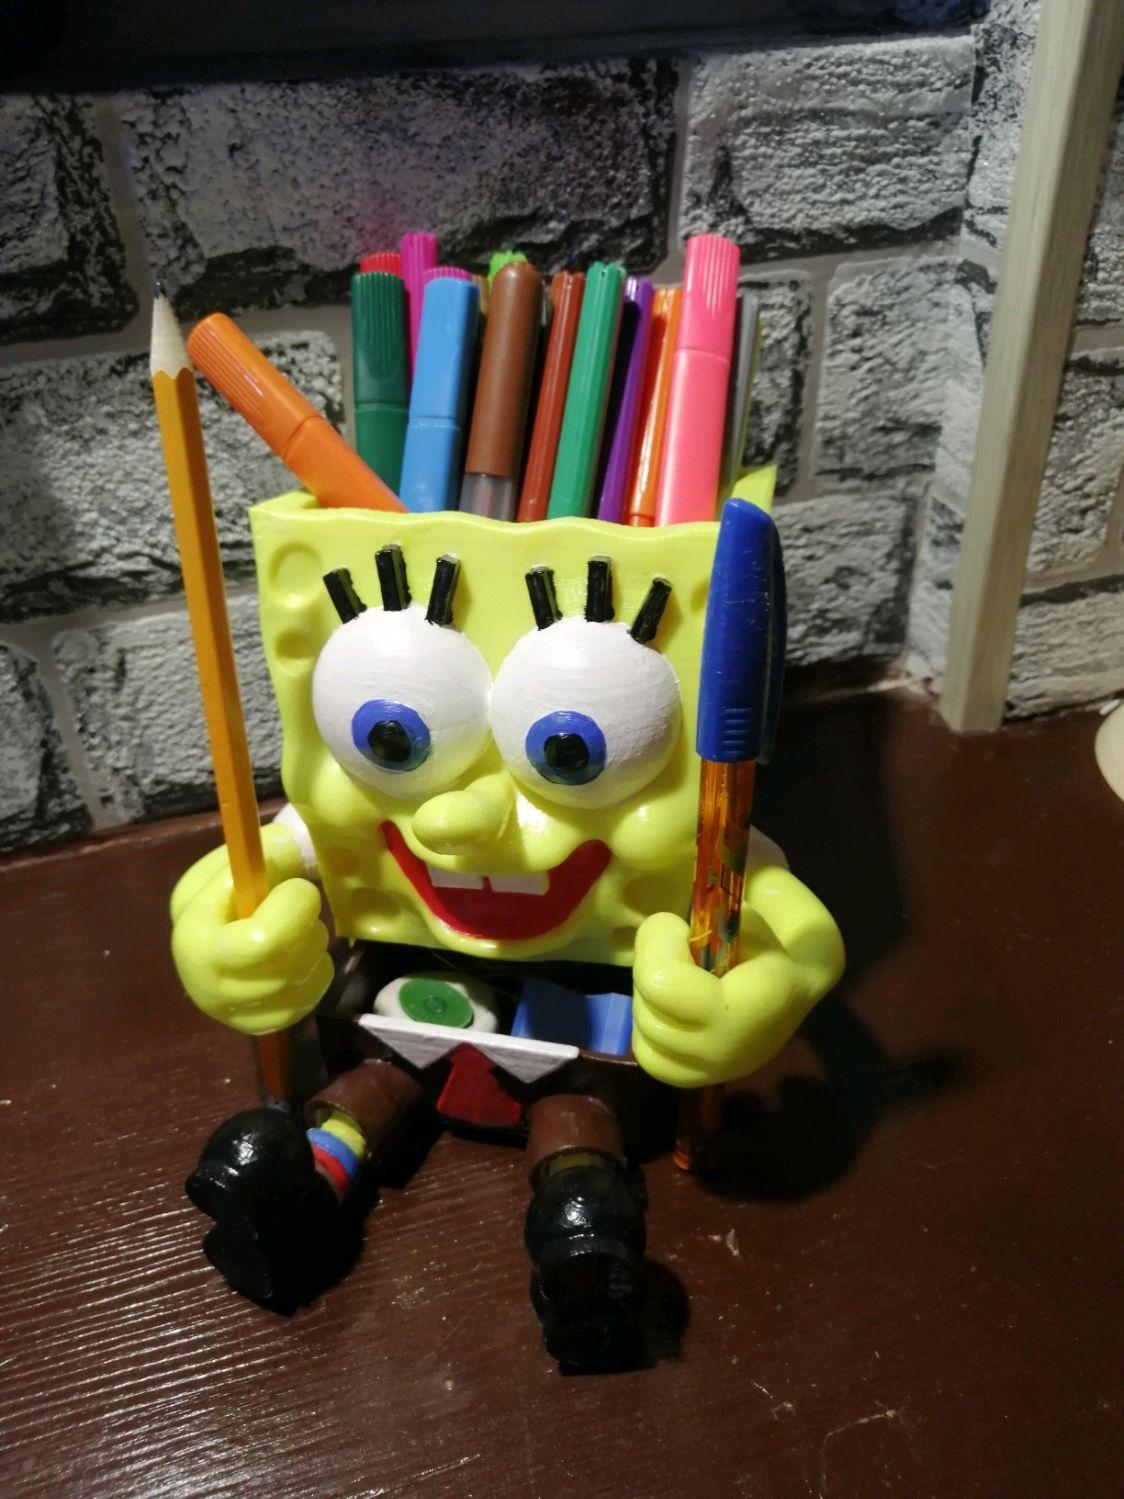 Губка боб подставка жля карандашей и ручек, Настольные органайзеры, Ижевск,  Фото №1